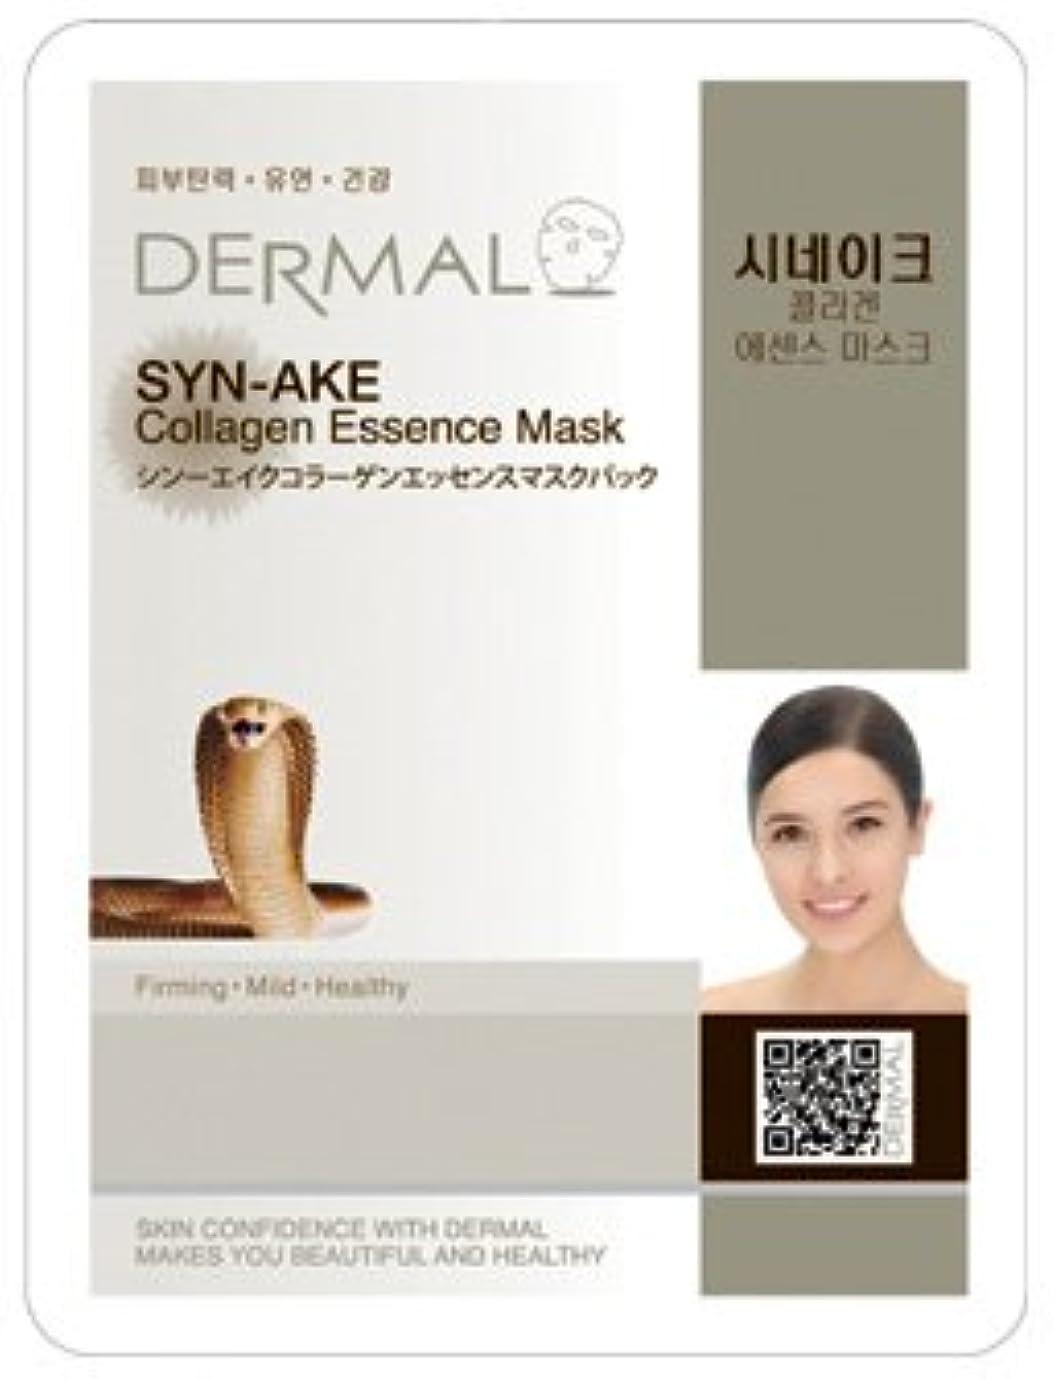 創始者レーザ技術者蛇毒シートマスク(フェイスパック) シンエイク 10枚セット ダーマル(Dermal)